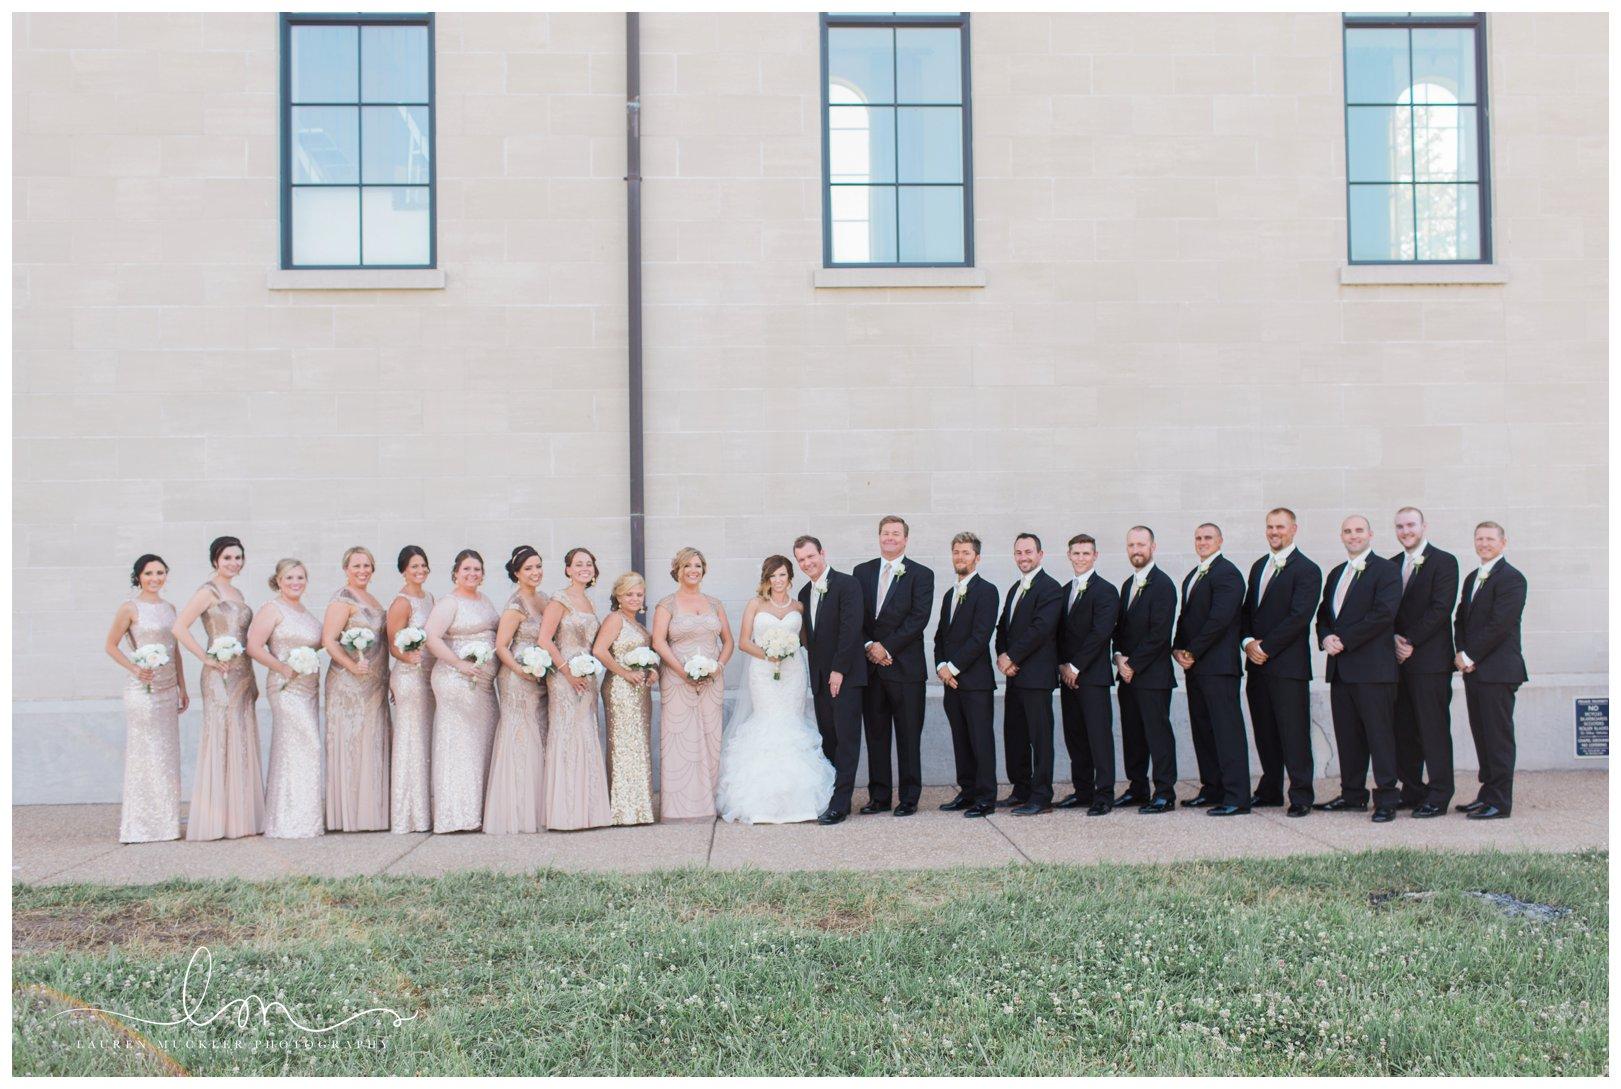 lauren muckler photography_fine art film wedding photography_st louis_photography_0470.jpg